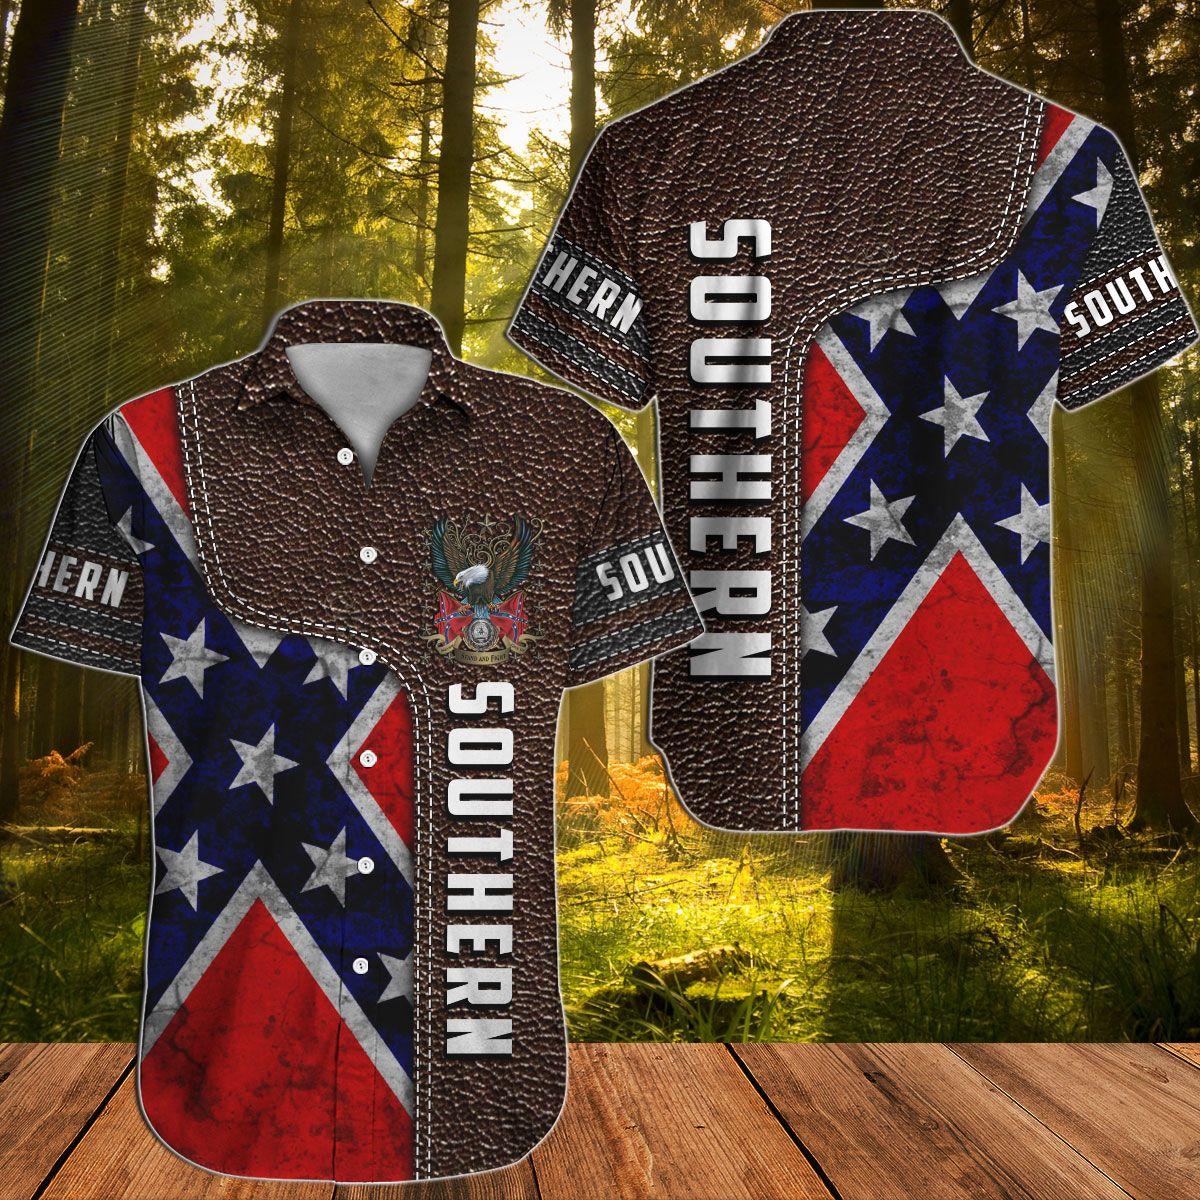 Southern Rebel Confederate Hawaiian shirt